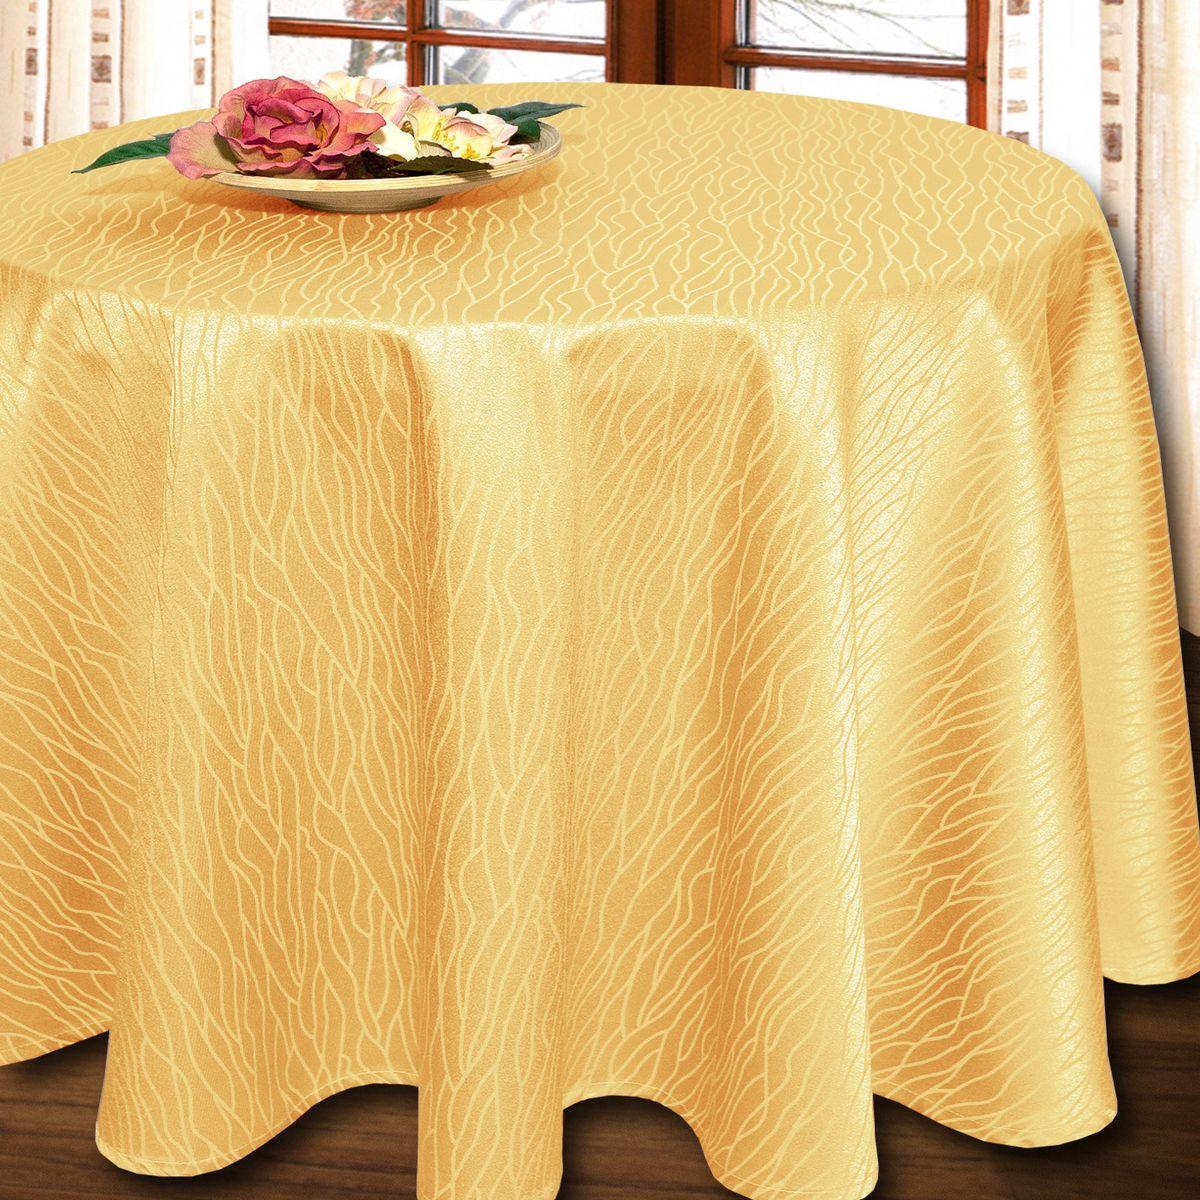 Скатерть Schaefer, круглая, цвет: желтый, диаметр 160 см. 07424-4261004900000360Круглая скатерть Schaefer выполнена из полиэстера и хлопка.Изделия из полиэстера легко стирать: они не мнутся, не садятся и быстро сохнут, они более долговечны, чем изделия из натуральных волокон.Немецкая компания Schaefer создана в 1921 году. На протяжении всего времени существования она создает уникальные коллекции домашнего текстиля для гостиных, спален, кухонь и ванных комнат. Дизайнерские идеи немецких художников компании Schaefer воплощаются в текстильных изделиях, которые сделают ваш дом красивее и уютнее и не останутся незамеченными вашими гостями. Дарите себе и близким красоту каждый день!